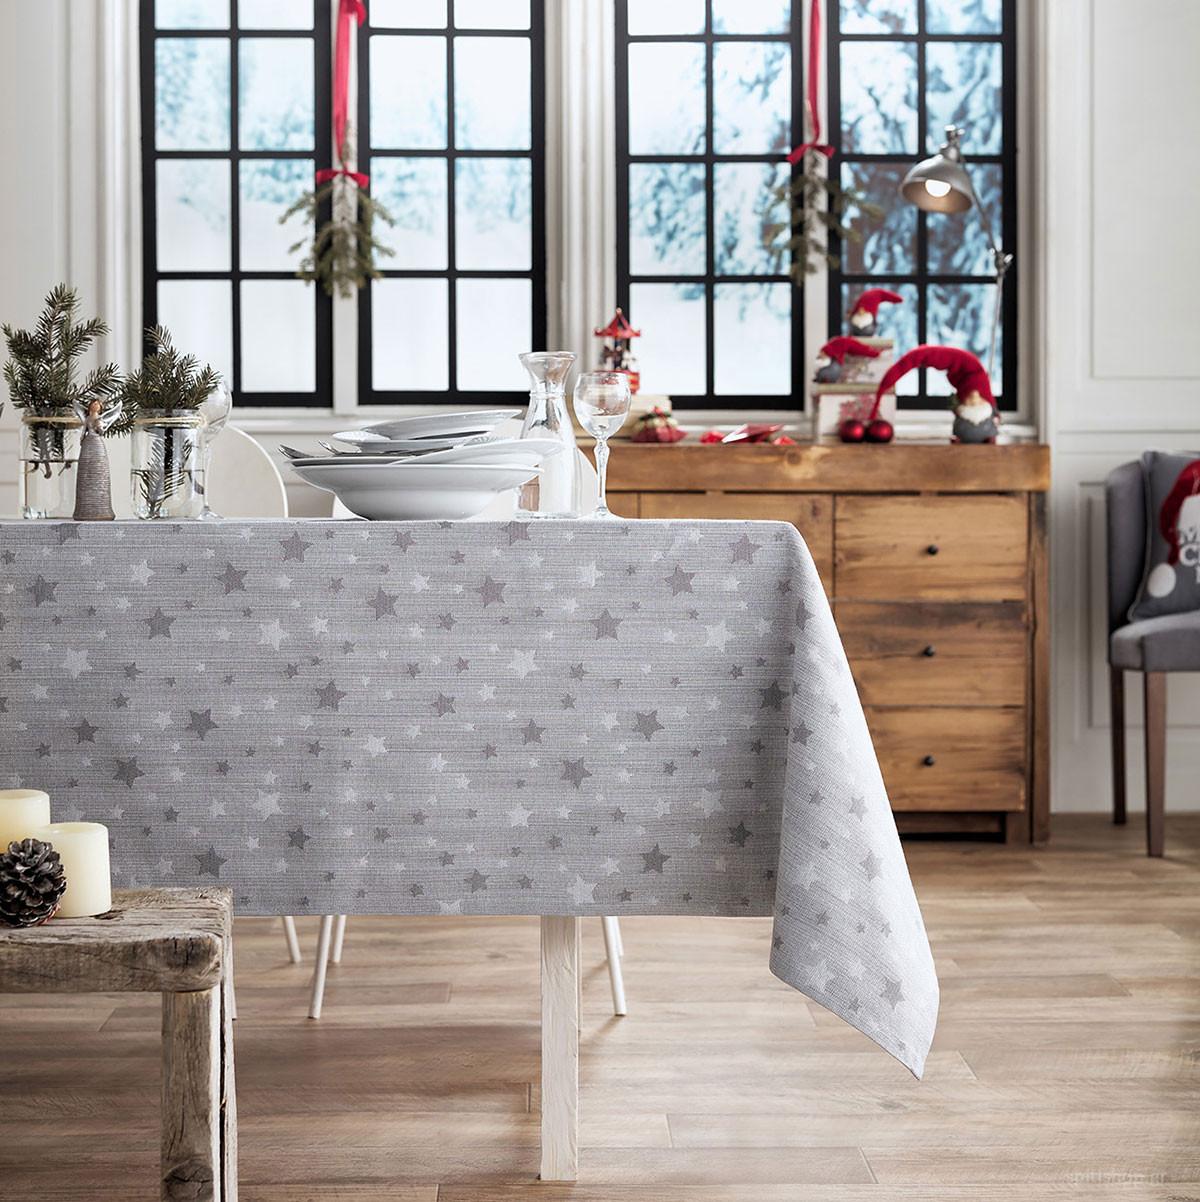 Χριστουγεννιάτικο Τραπεζομάντηλο (135×260) Gofis Home 901/15